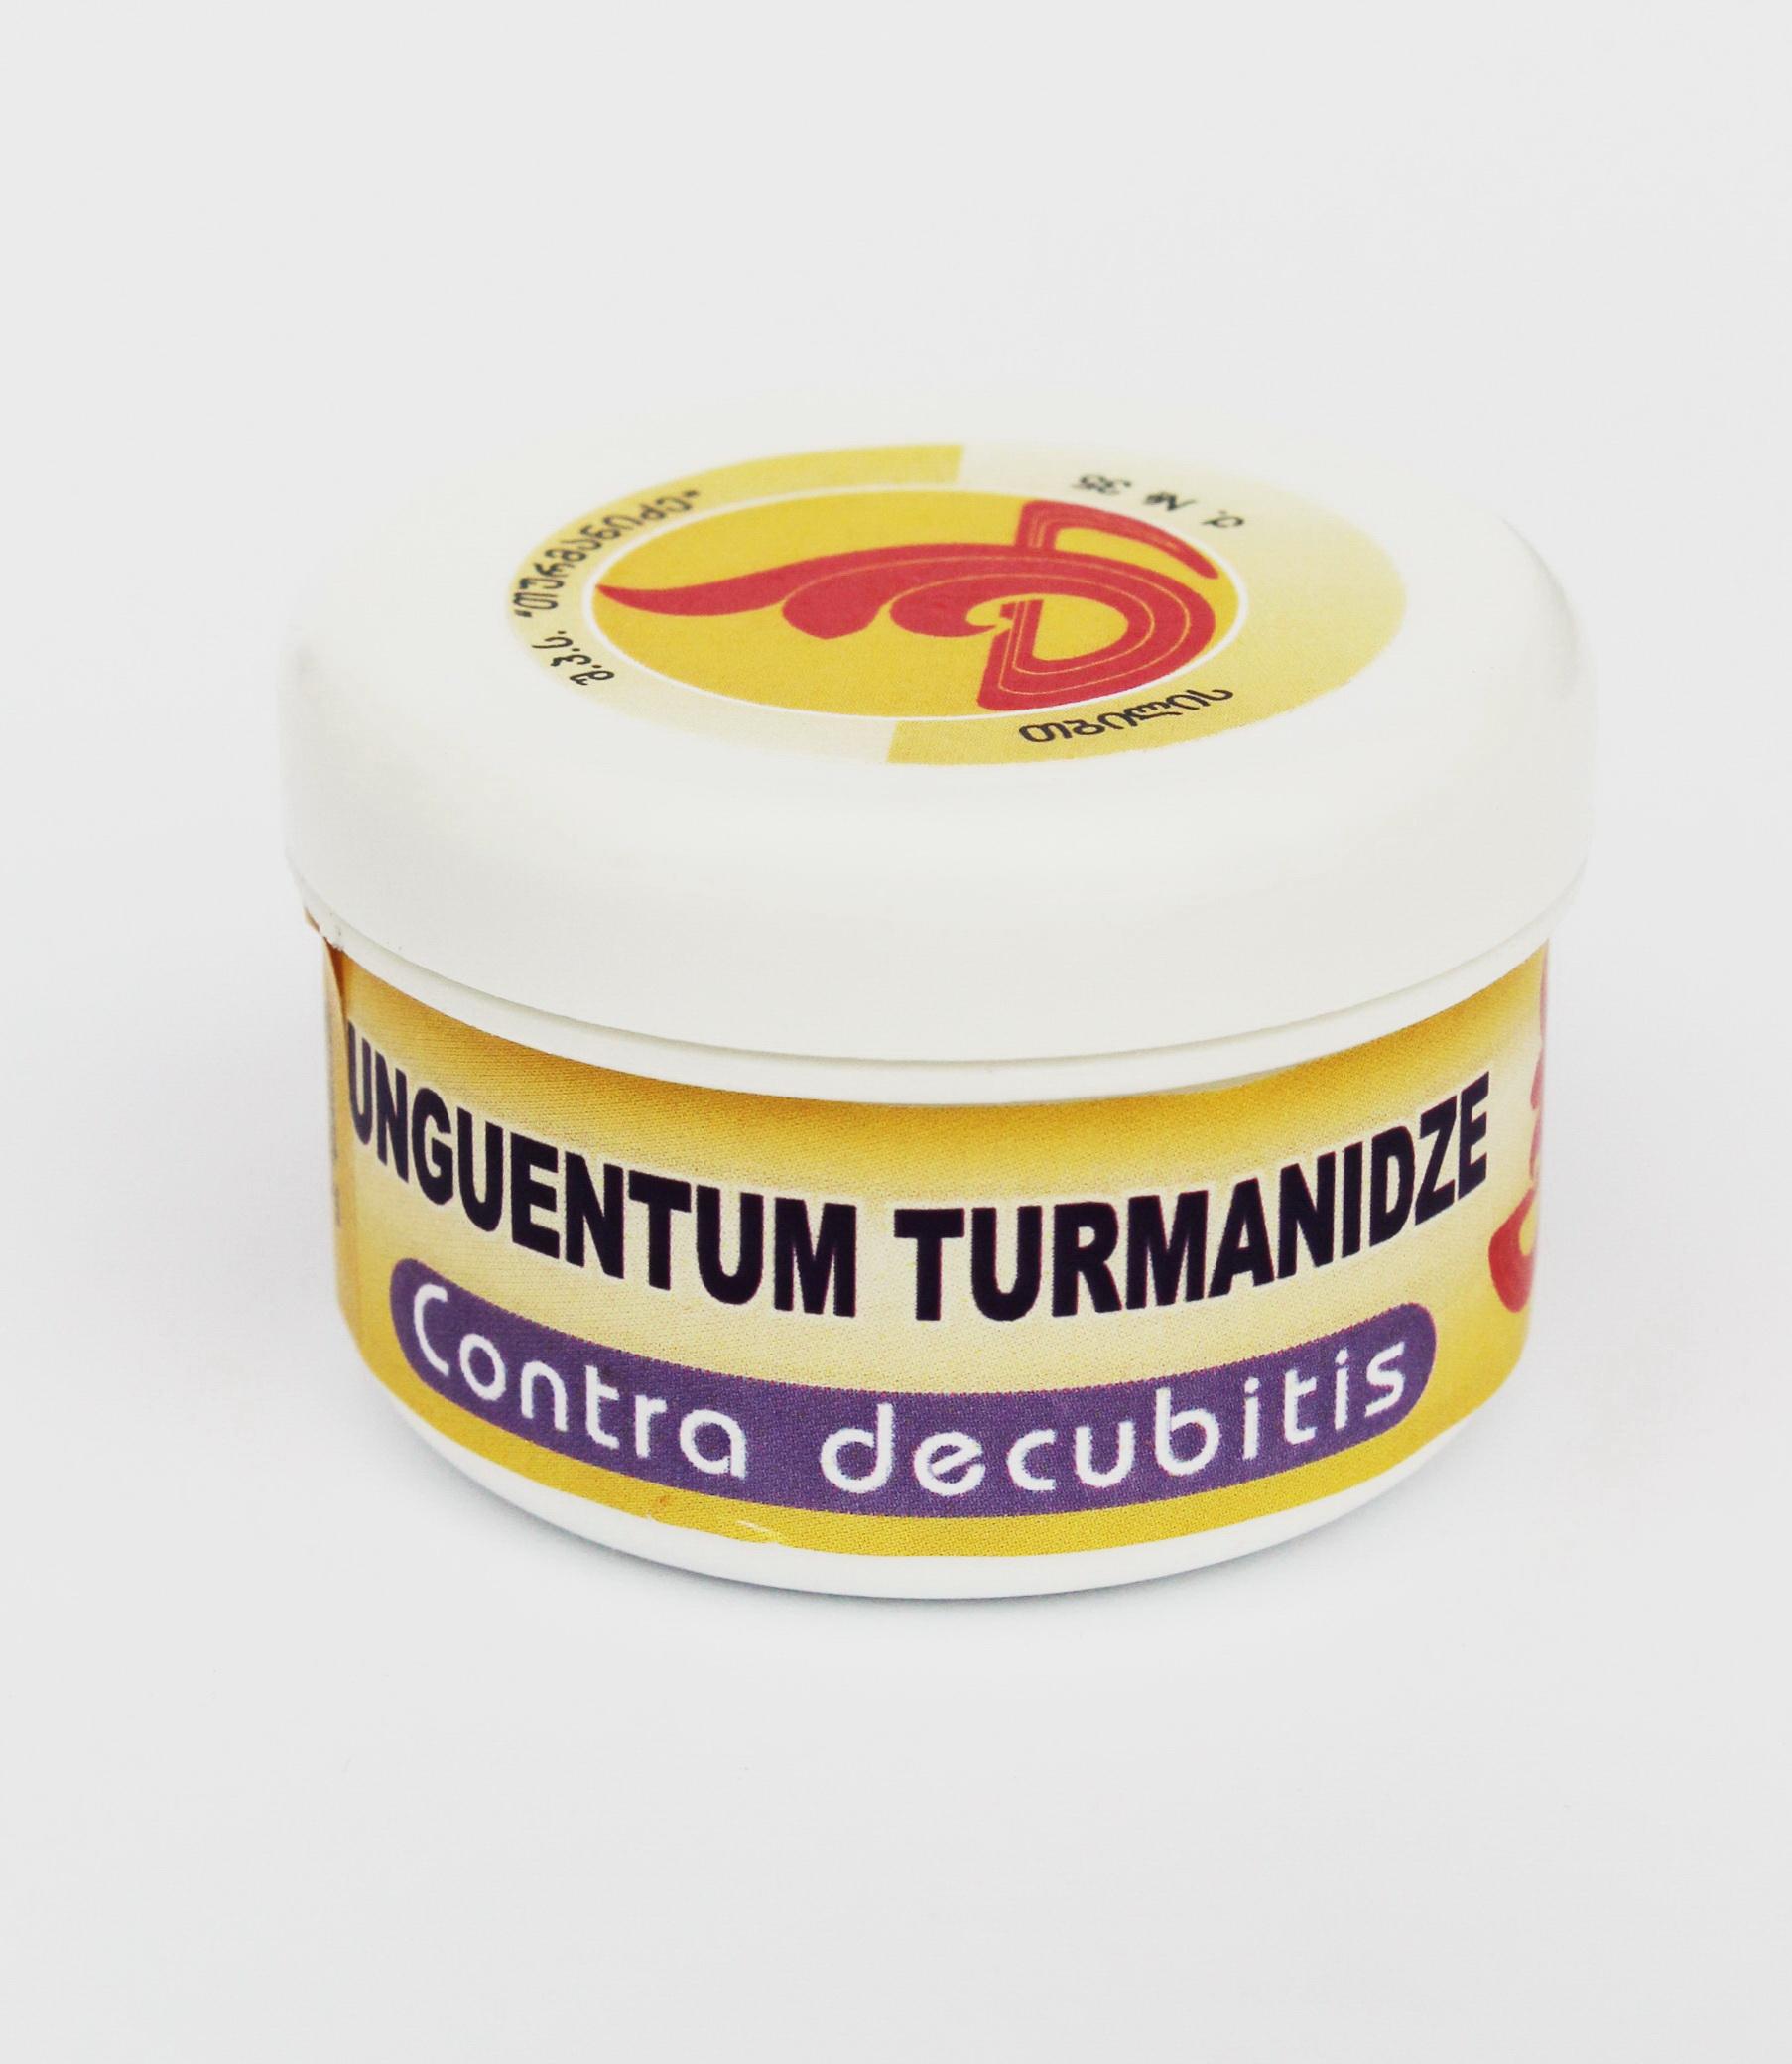 мазь Турманидзе с мощным антисептическим, противоспалительным, обезбаливающим эффектом с применением при пролежнях. Способствует заживлению ран.